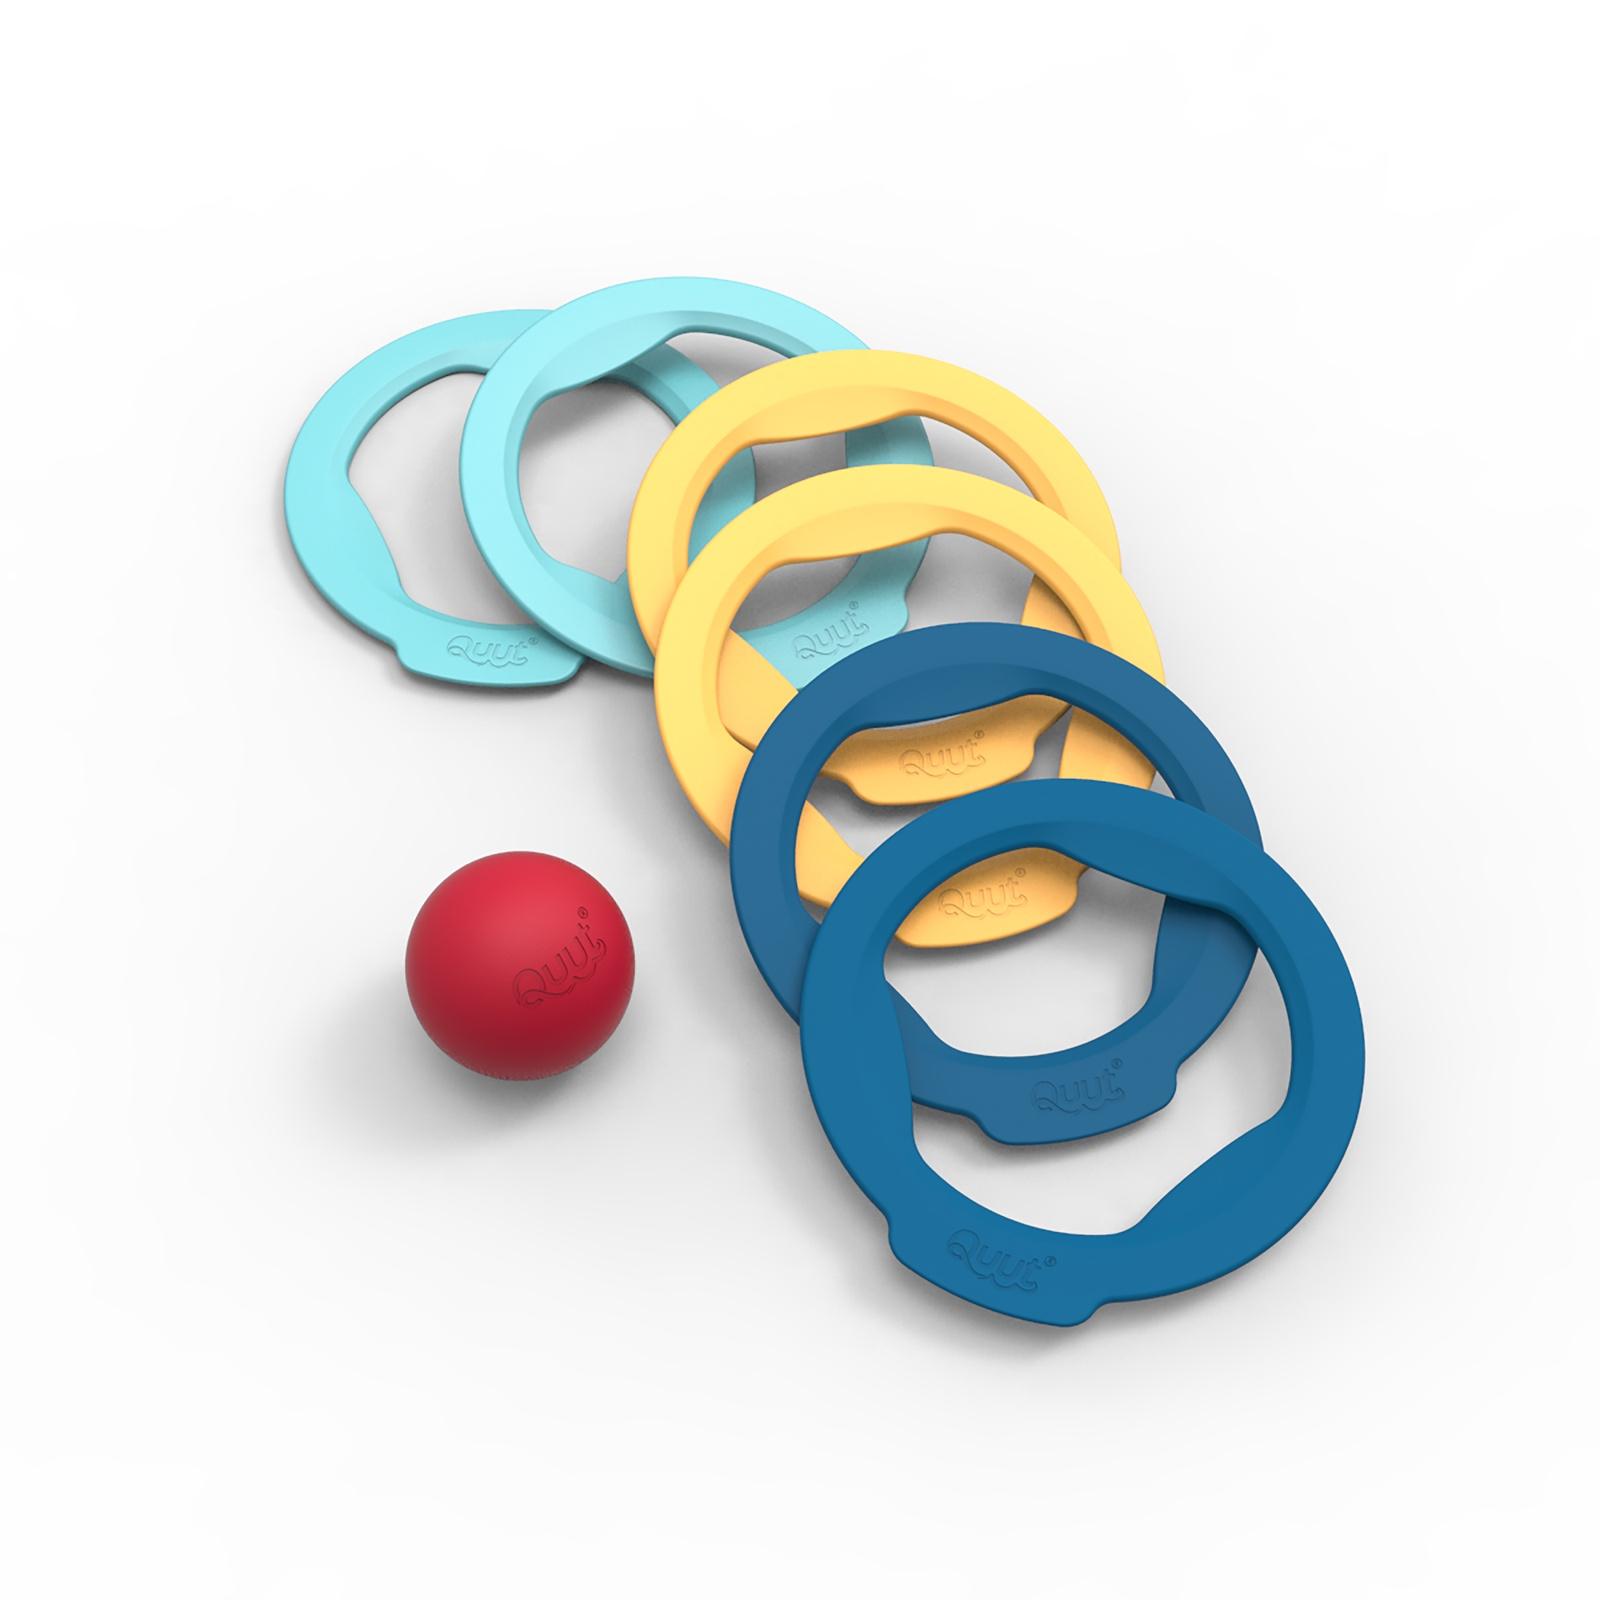 Игровой набор Quut 171300 игрушка для песка и снега quut triplet цвет жёлтый mellow yellow 170037